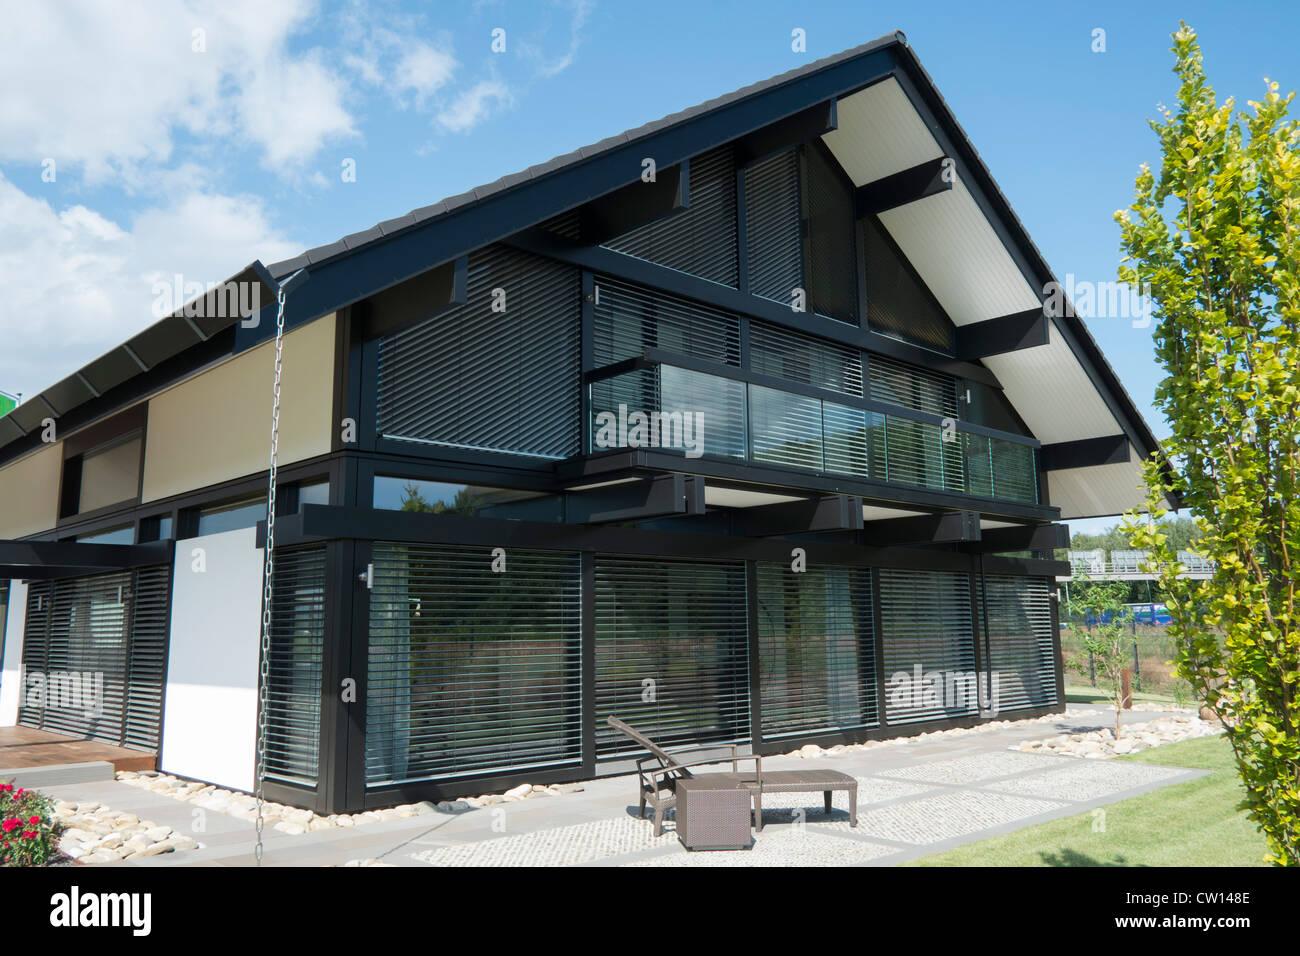 Moderno e altamente efficiente dal punto di vista energetico Huf Haus o casa di famiglia in Germania Immagini Stock